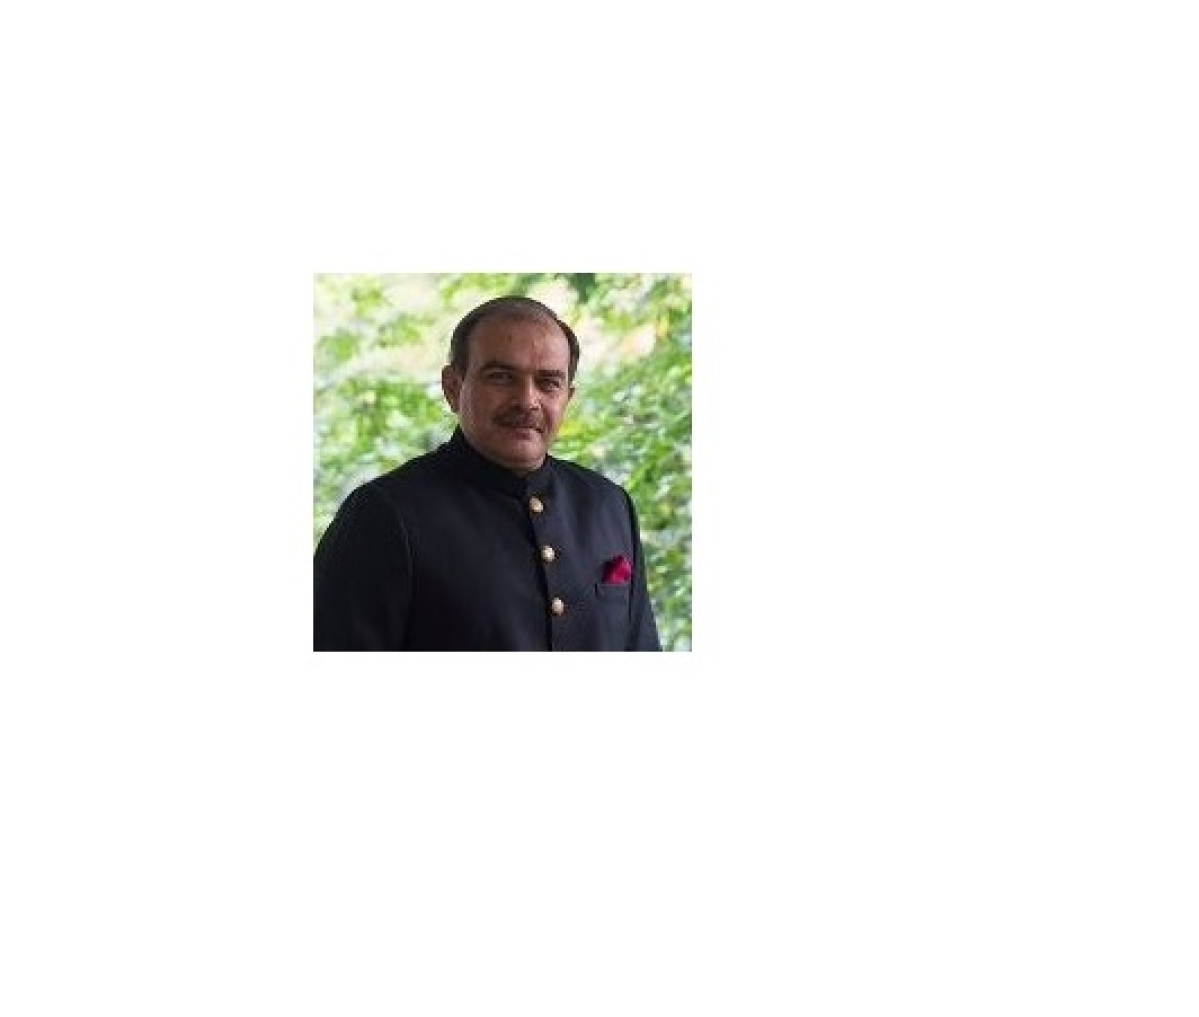 Industry veteran Vivek Bali joins Enrich Salon as CEO